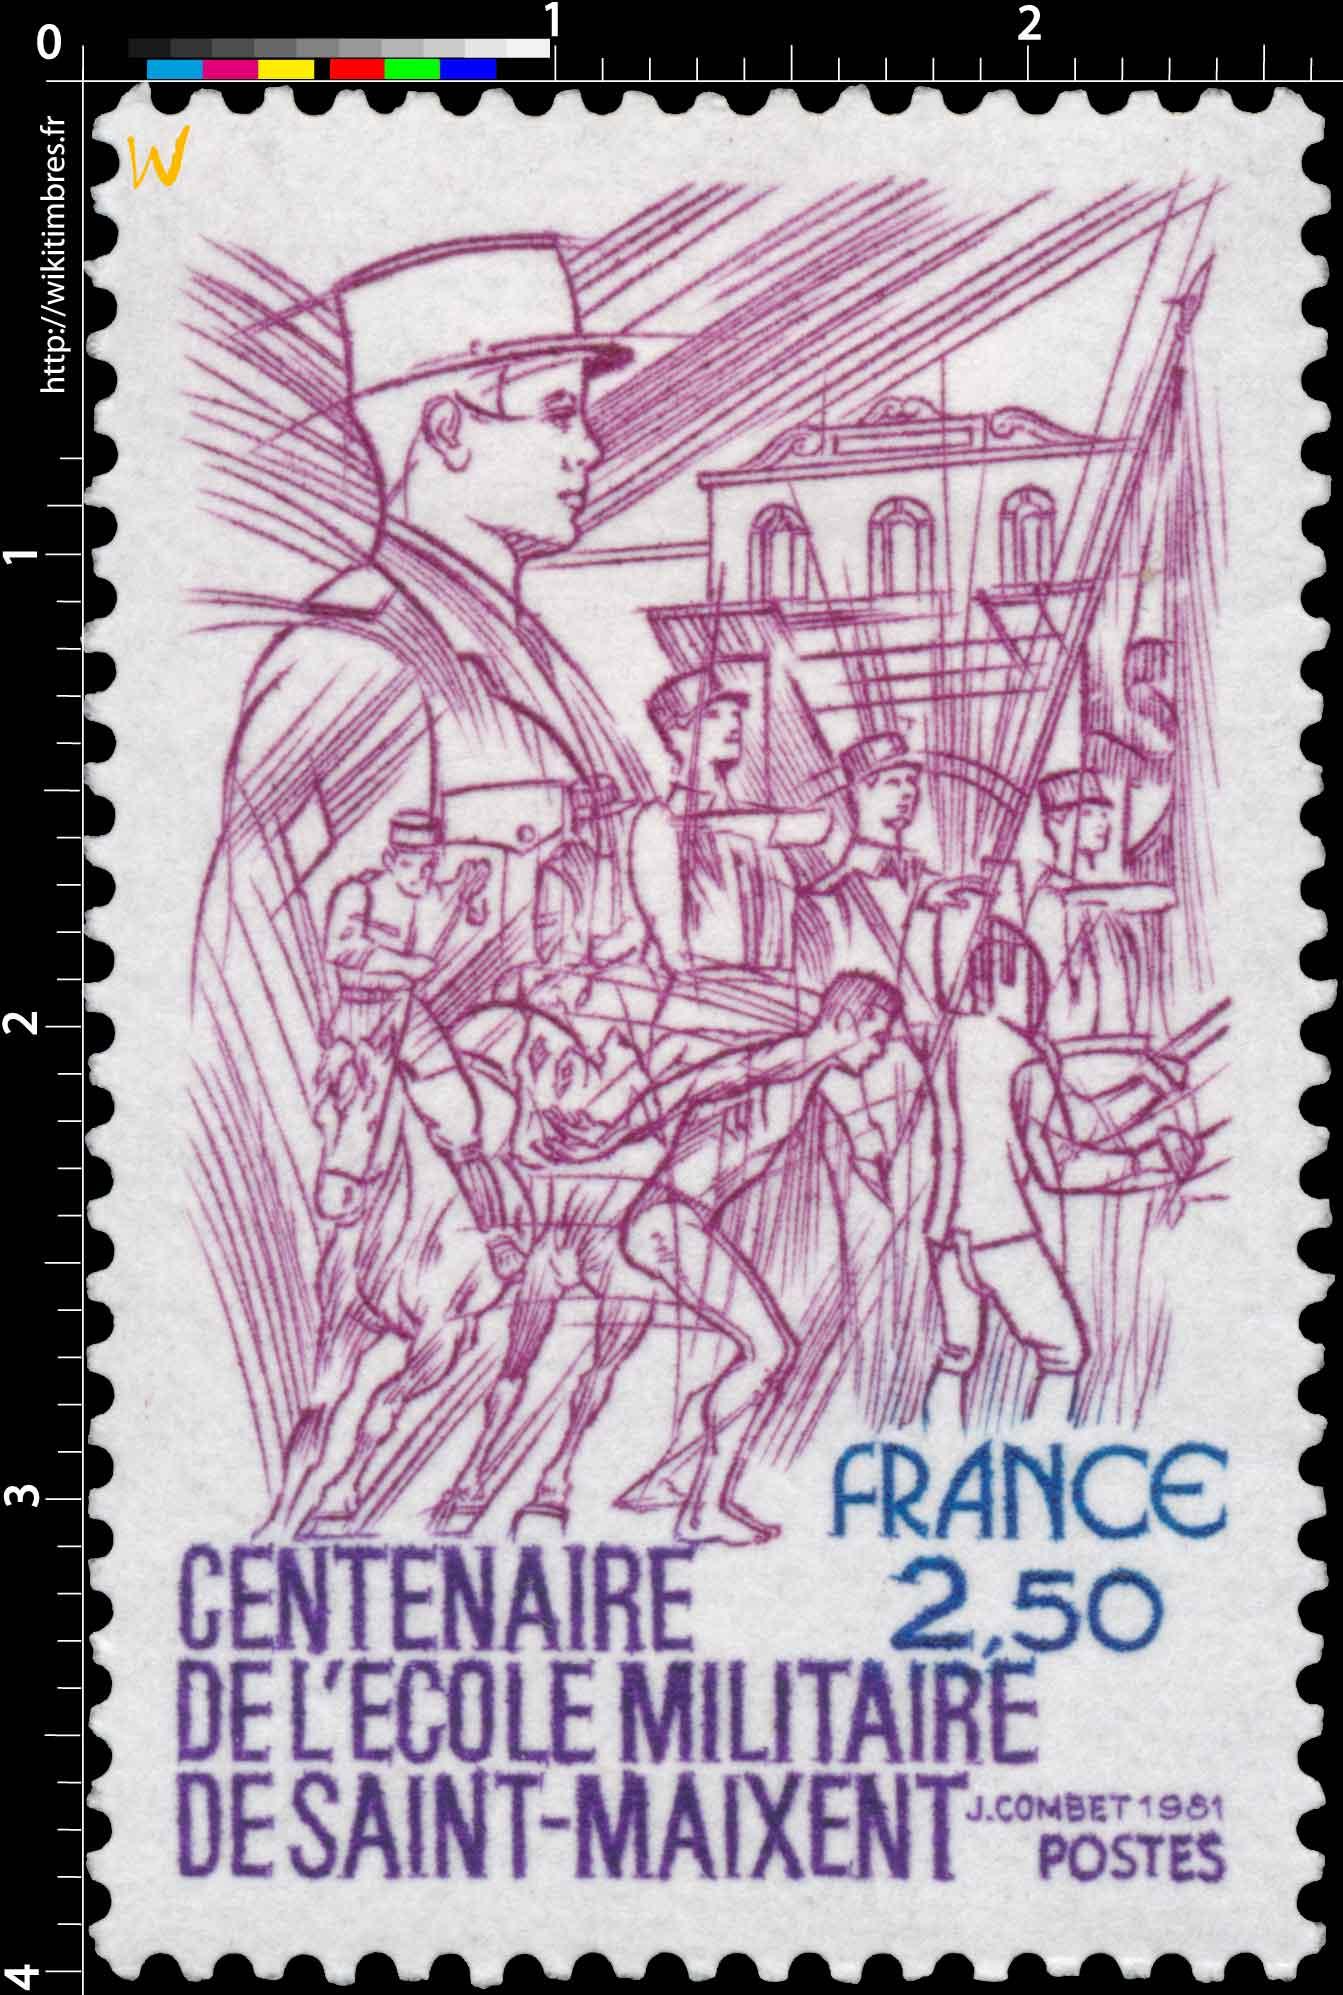 1981 CENTENAIRE DE L'ÉCOLE MILITAIRE DE SAINT-MAIXENT